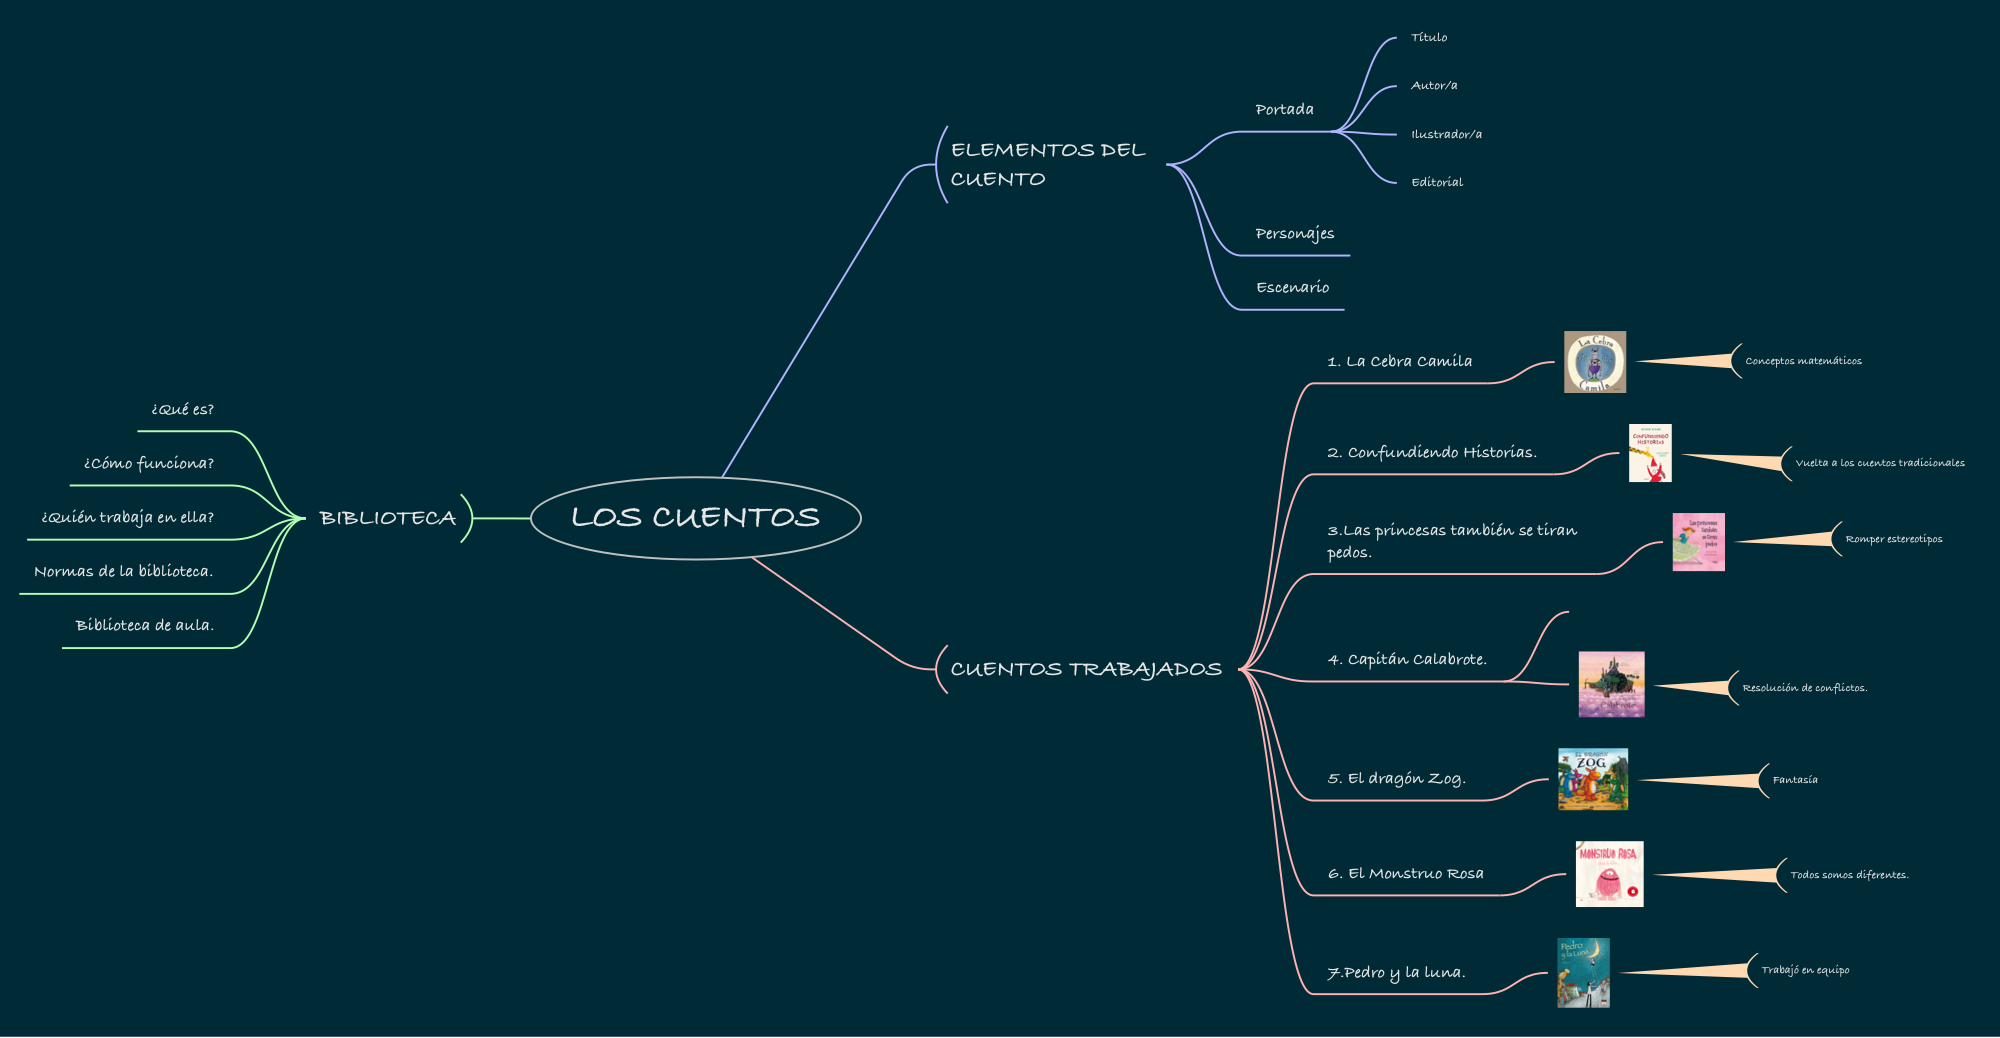 PROYECTO_LOS CUENTOS_04